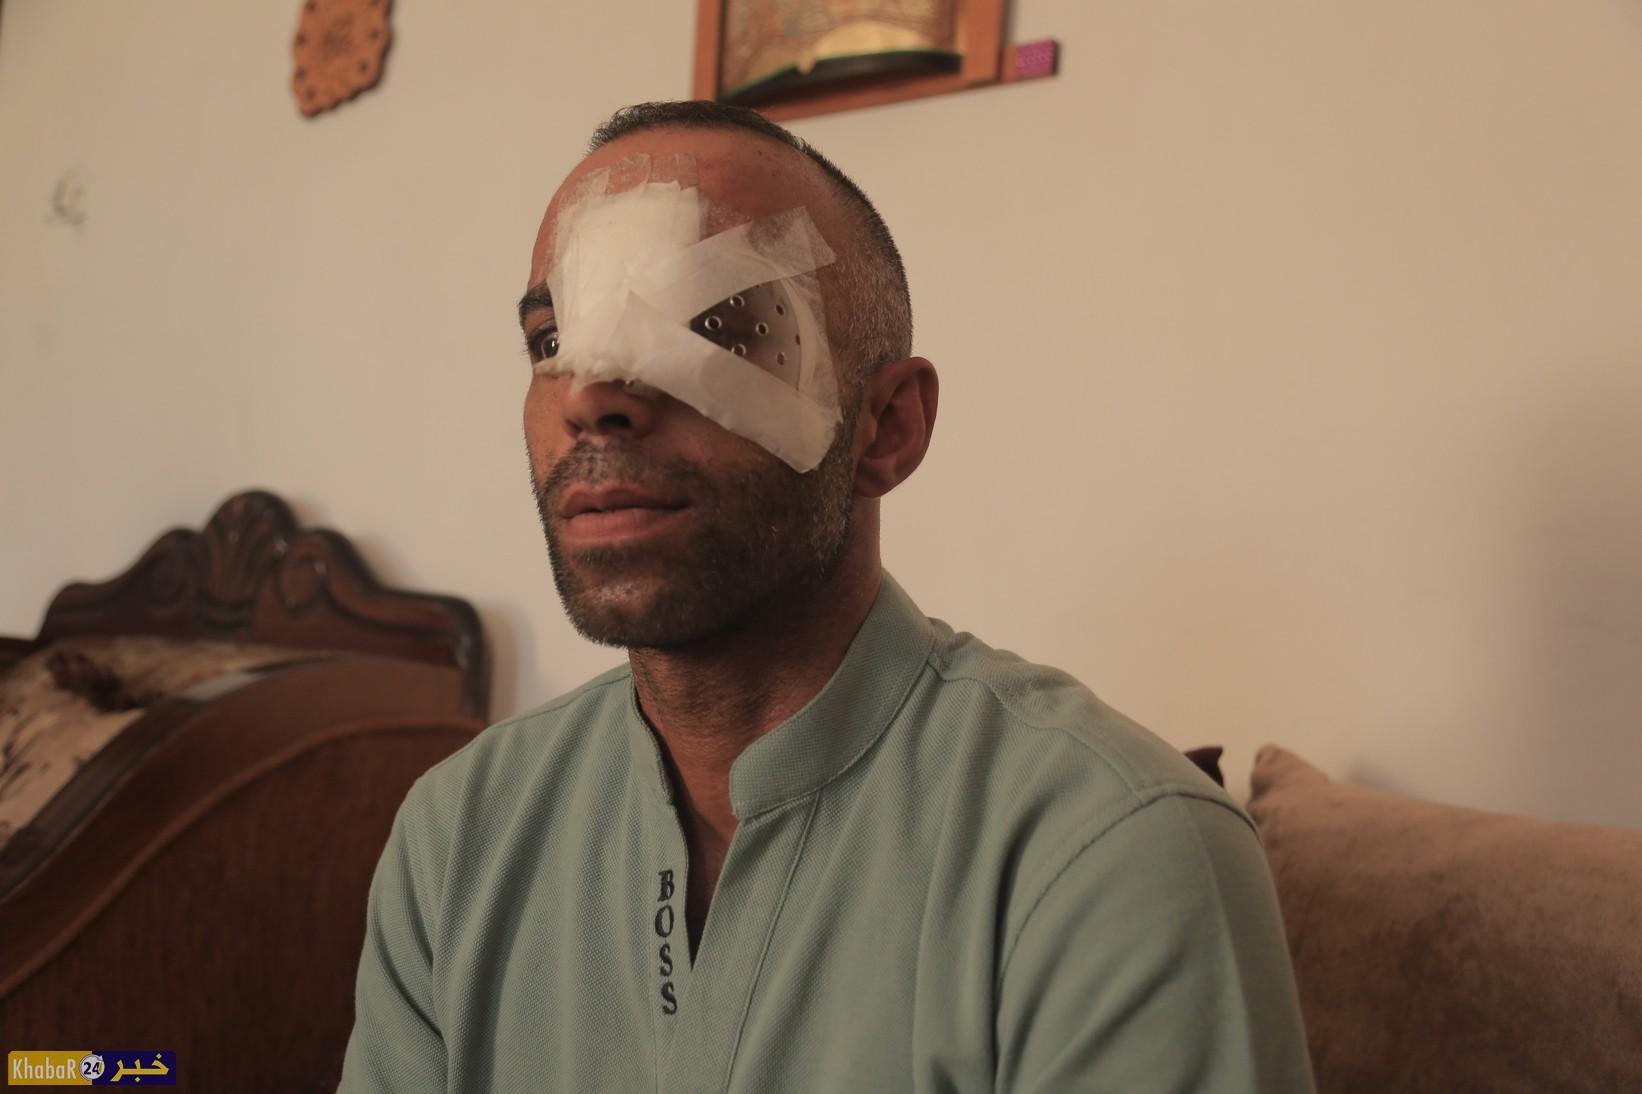 شابان من بيت لحم فقدا عيناهما دفاعا عن المسجد الأقصى